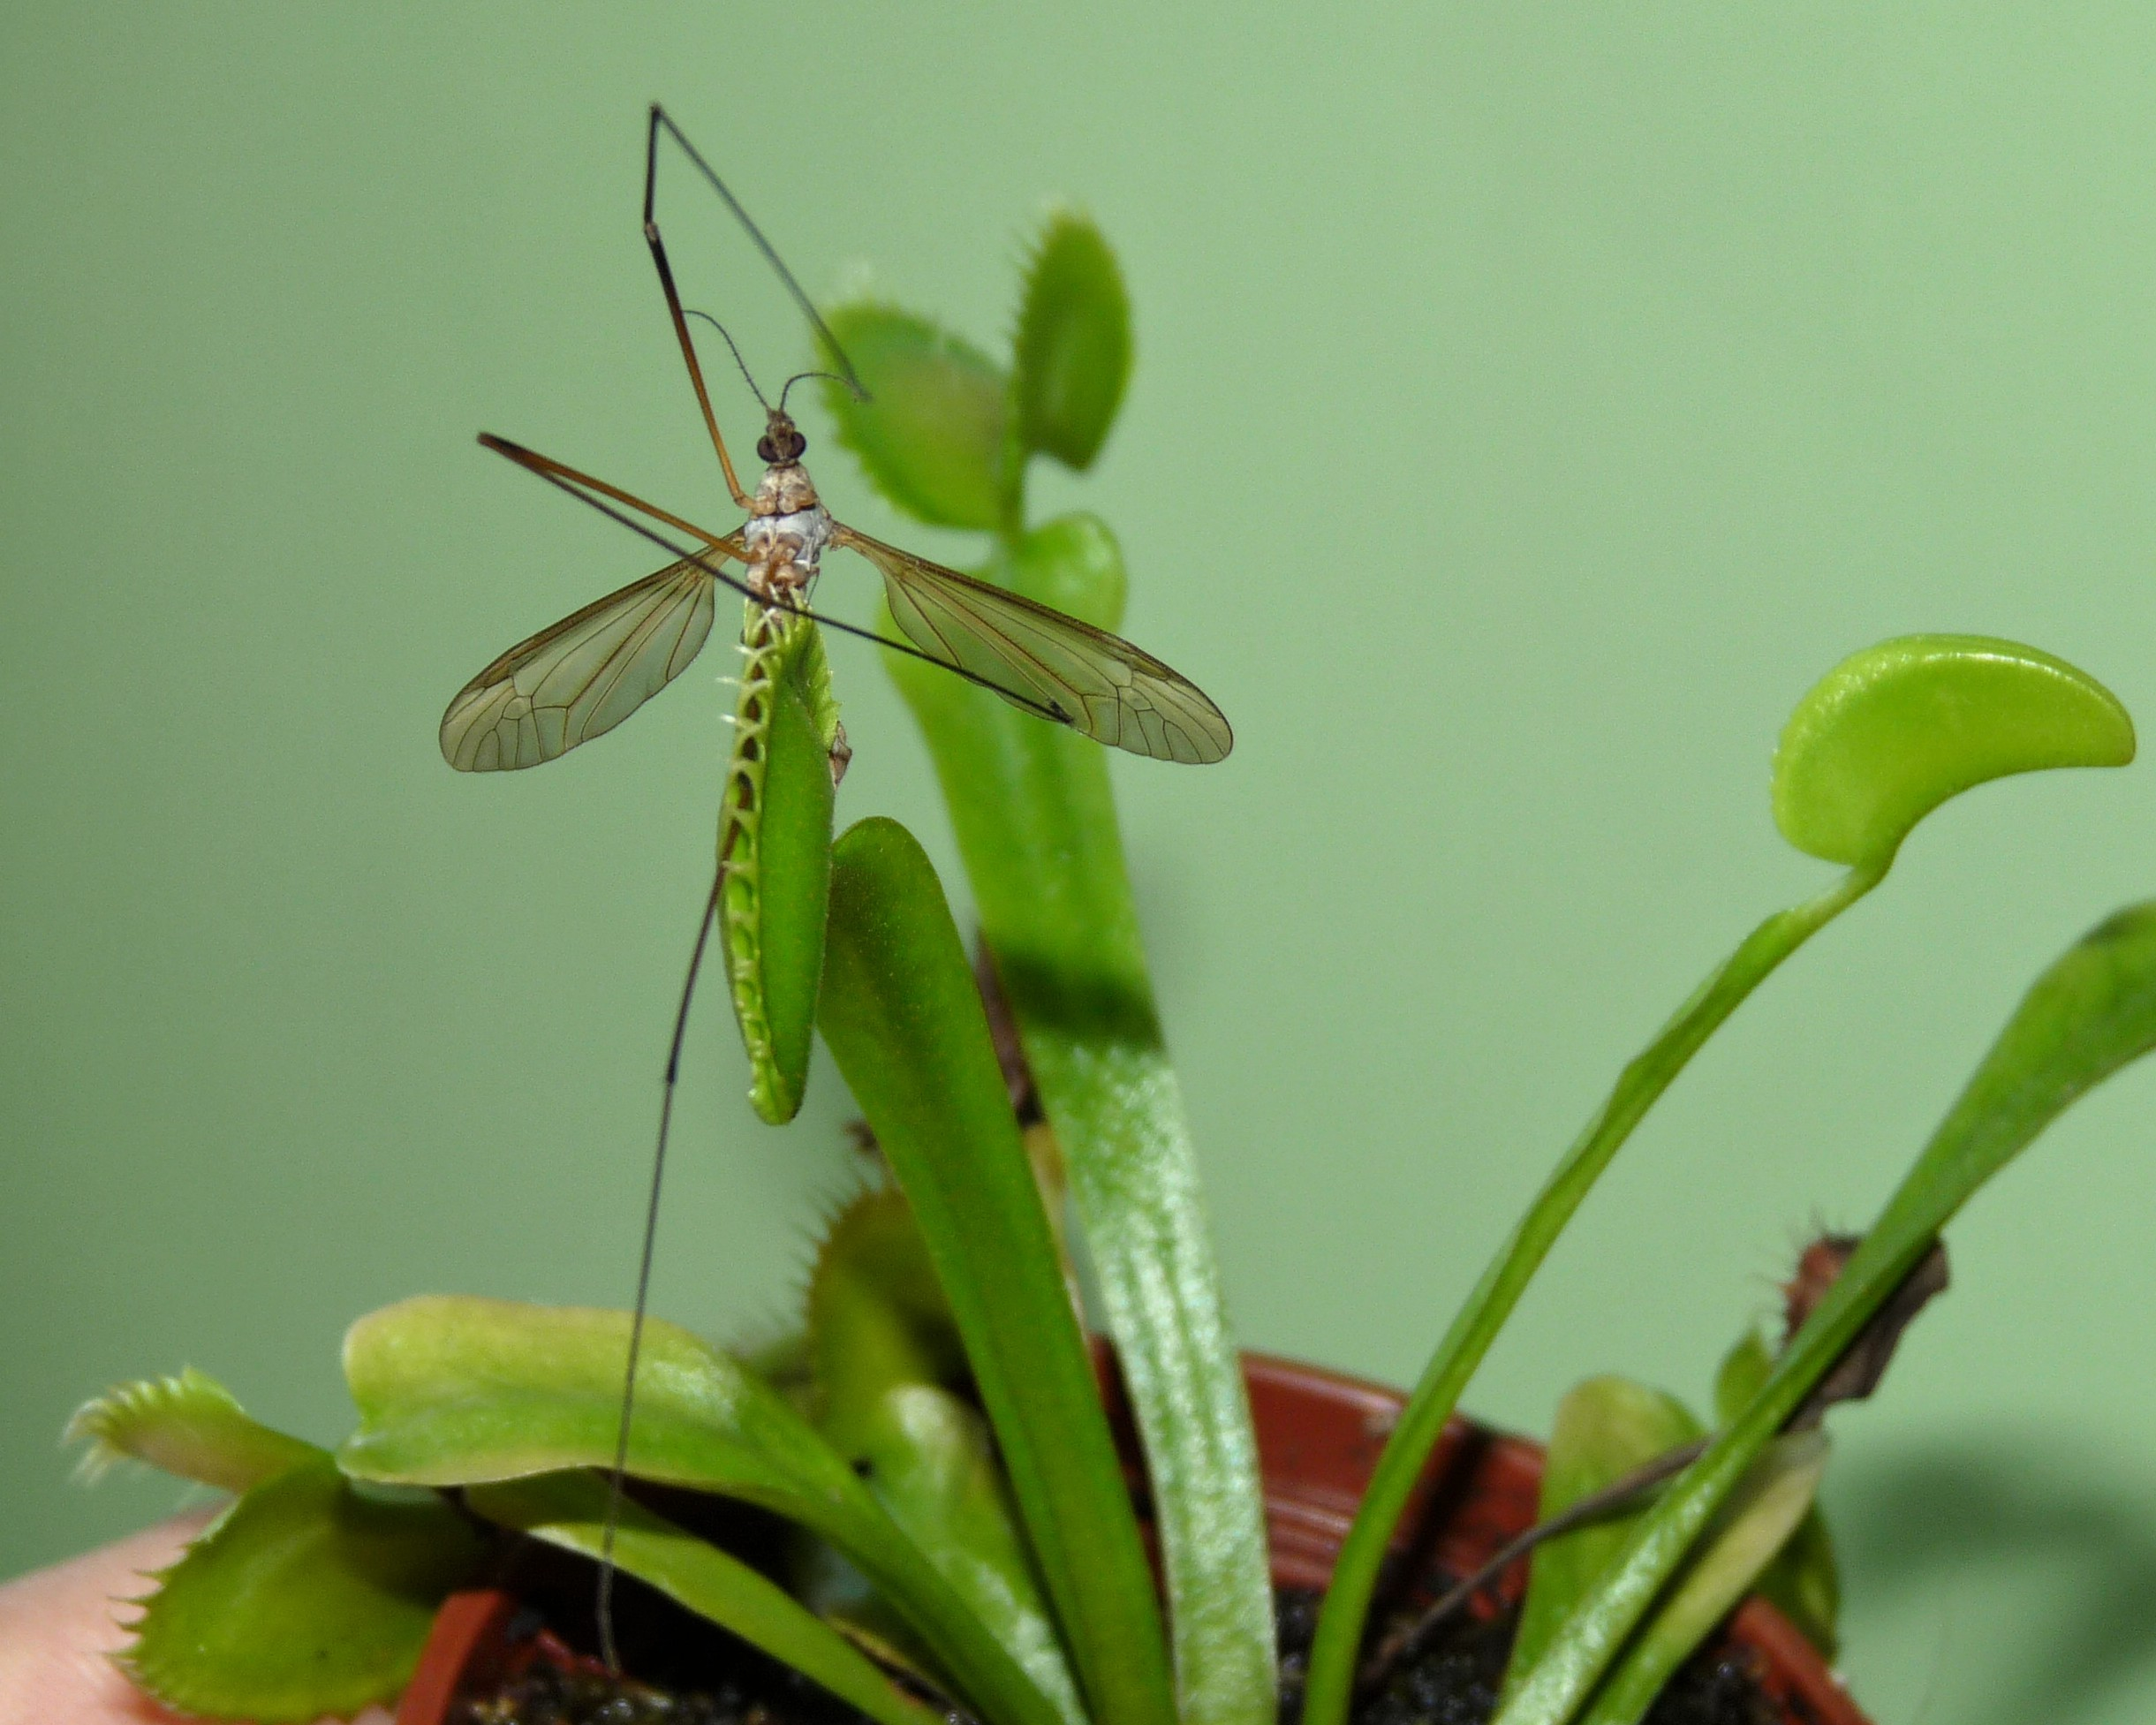 muchołówka z komarem